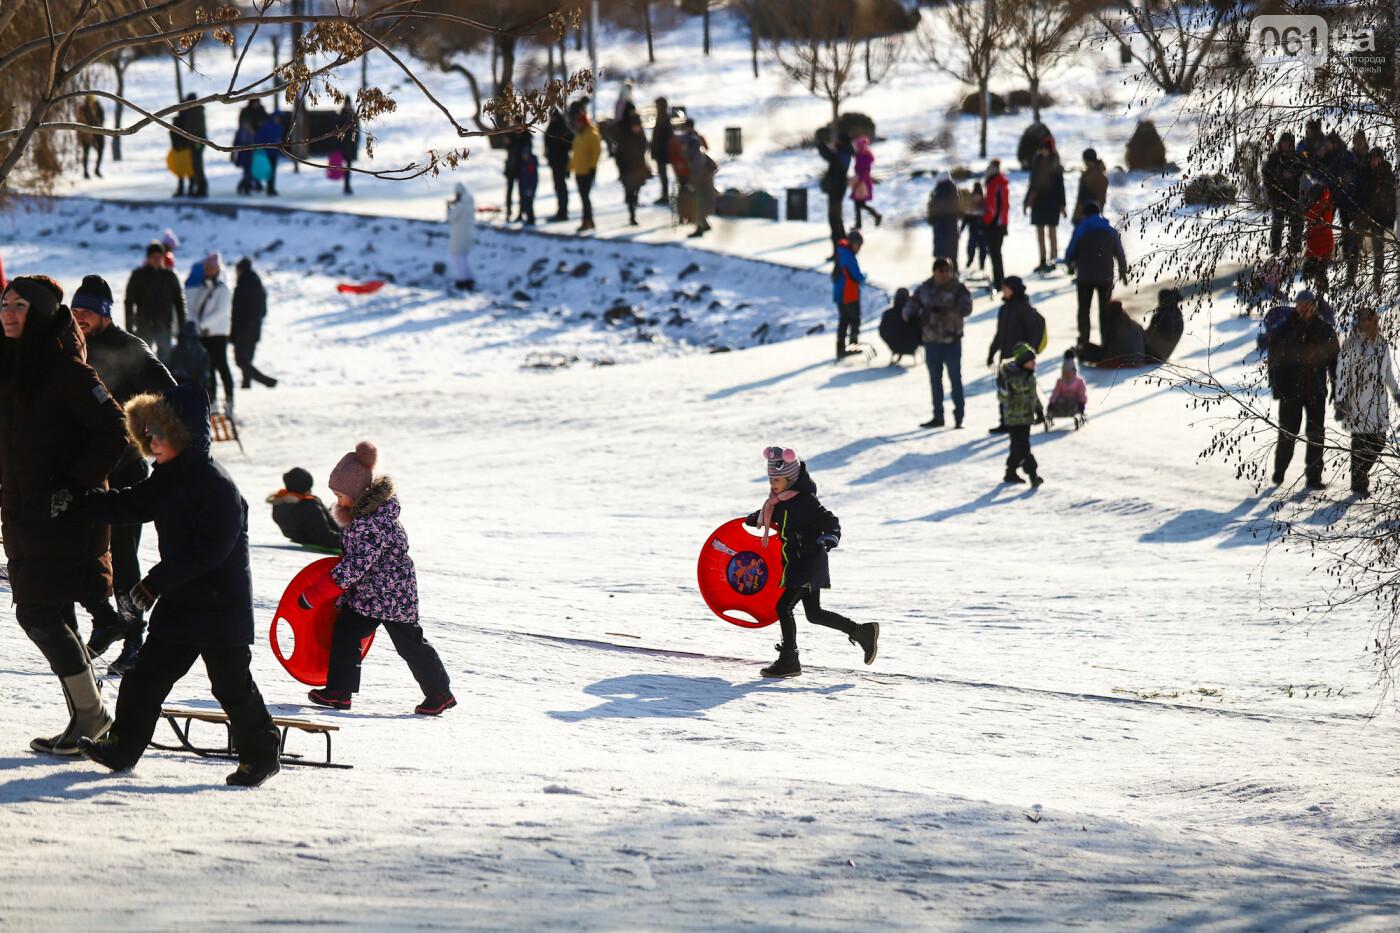 На санках, лыжах и сноуборде: запорожцы устроили массовое катание с горок в Вознесеновском парке, - ФОТОРЕПОРТАЖ, фото-31